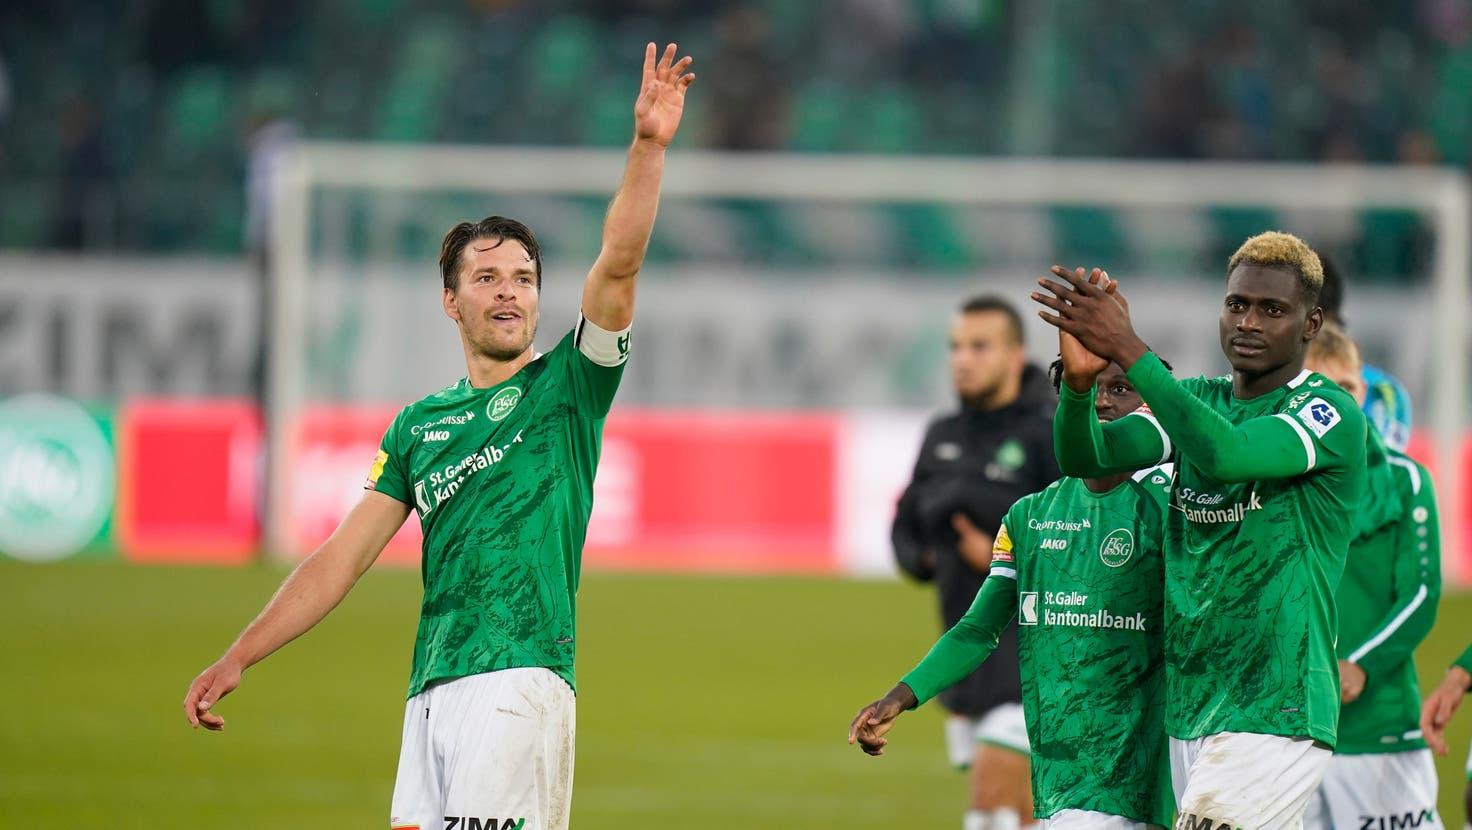 Stürmer Alessio Besio kommt in der Startphase zu einer guten Torchance. (Bild: Freshfocus)